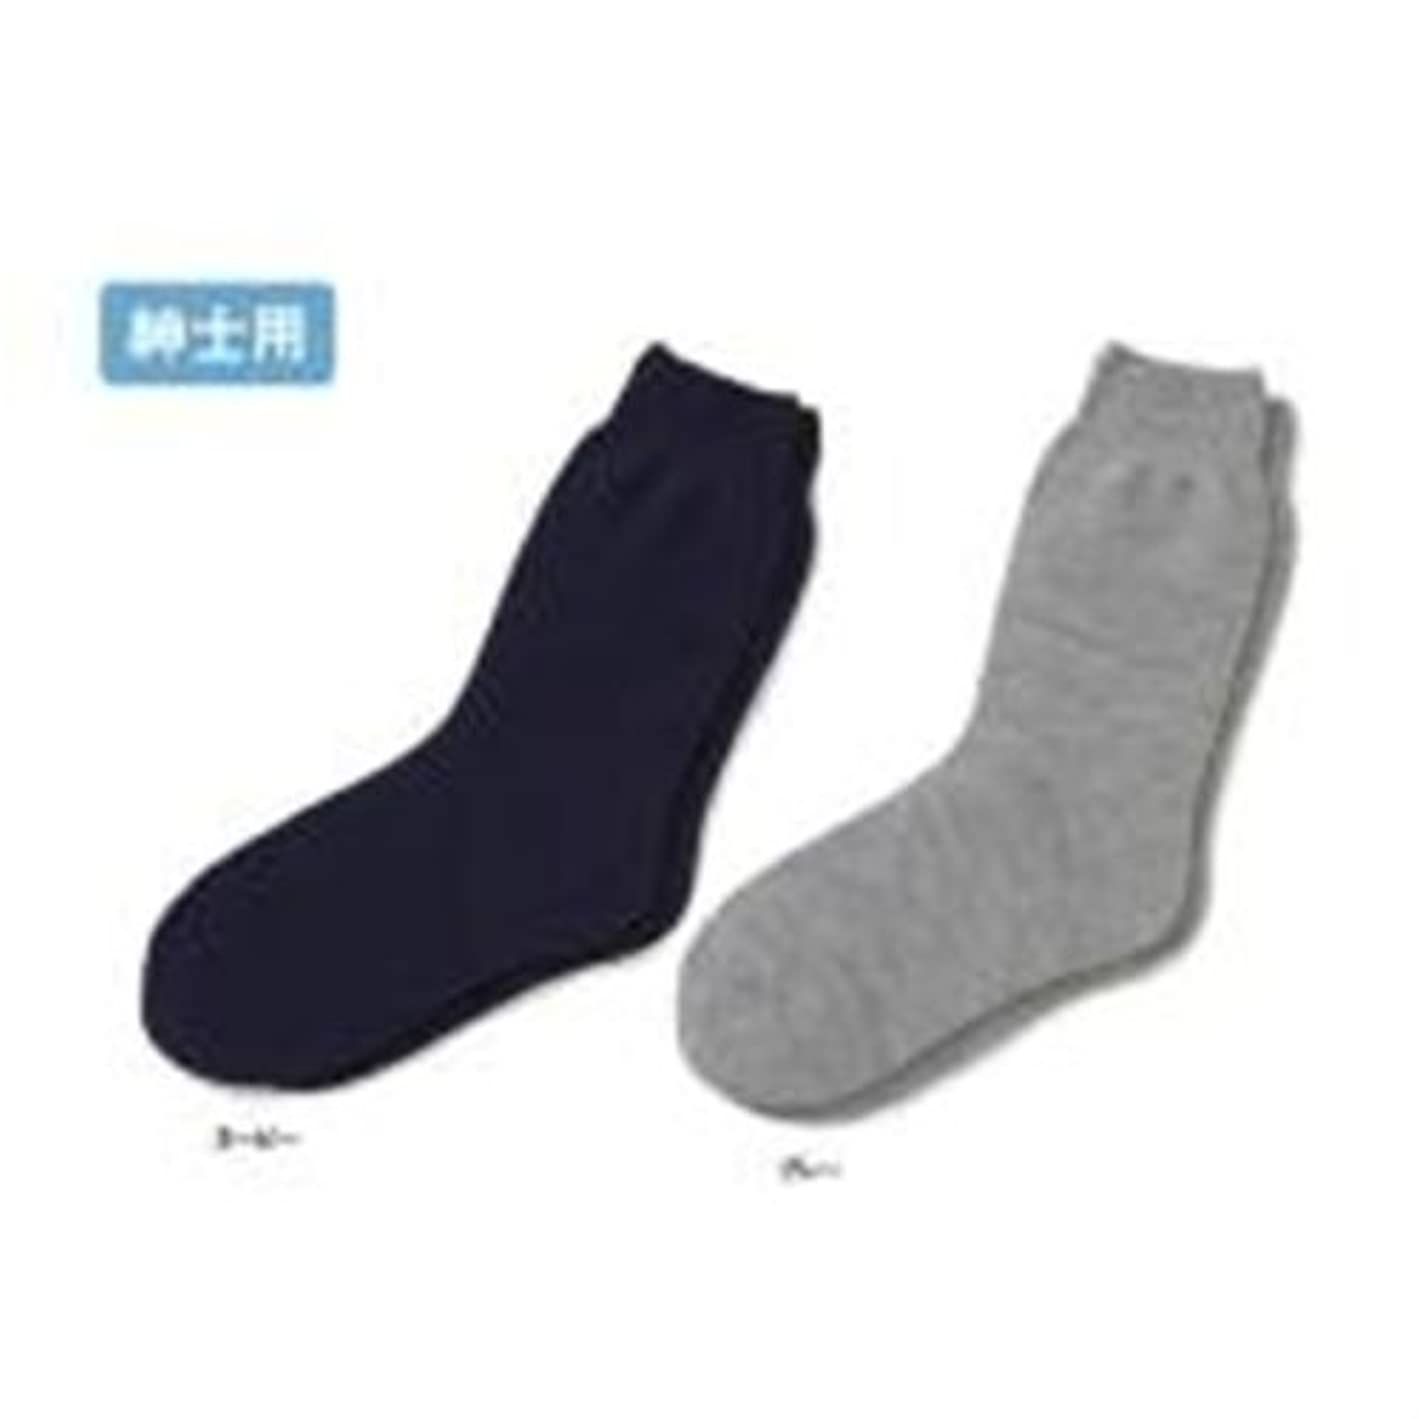 禁じるスイス人メーカーコベス 紳士超ゆったり靴下むくみ用 24~29cm×3足 5693 グレー